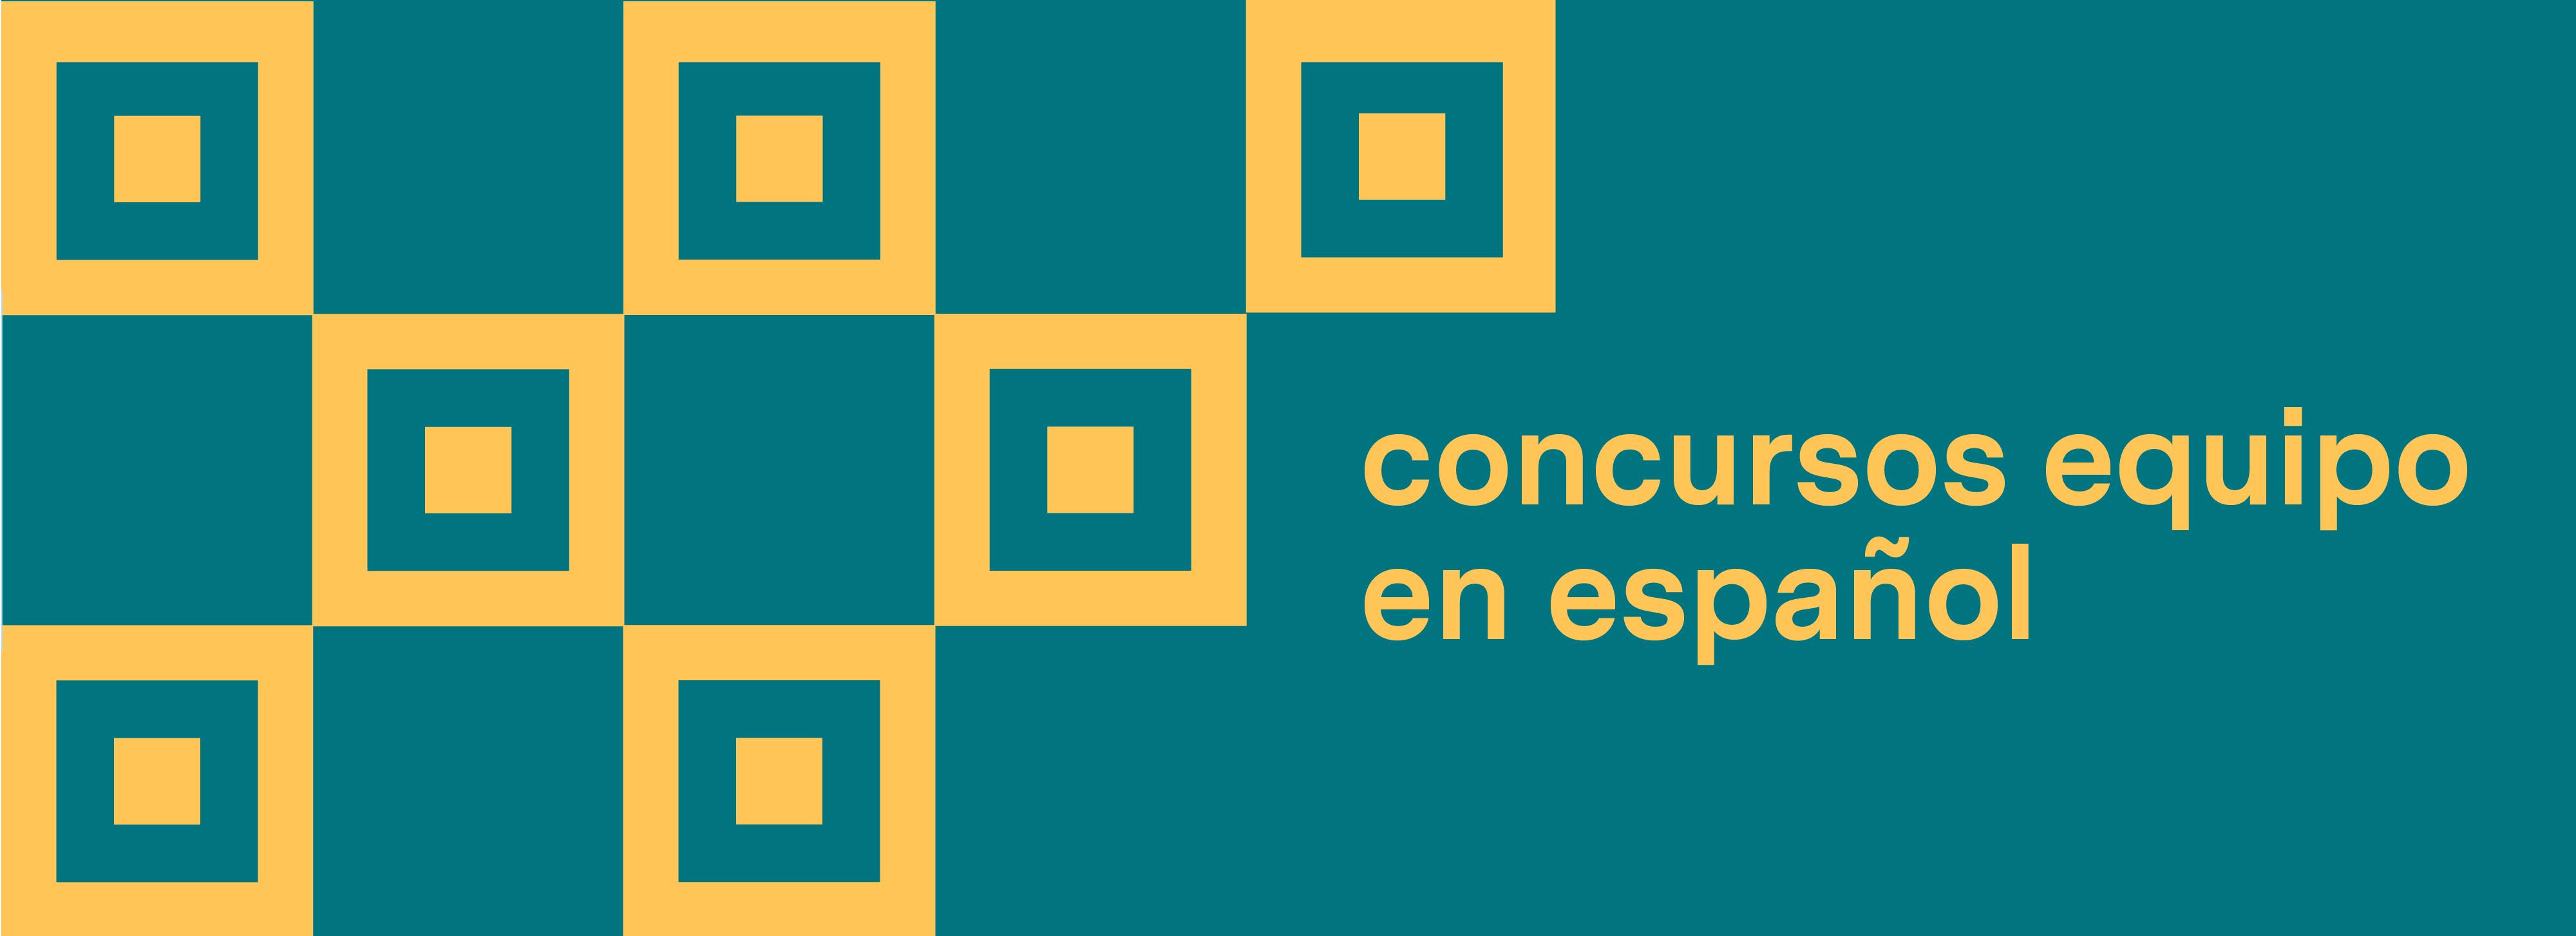 concursos-equipo-en-español-large